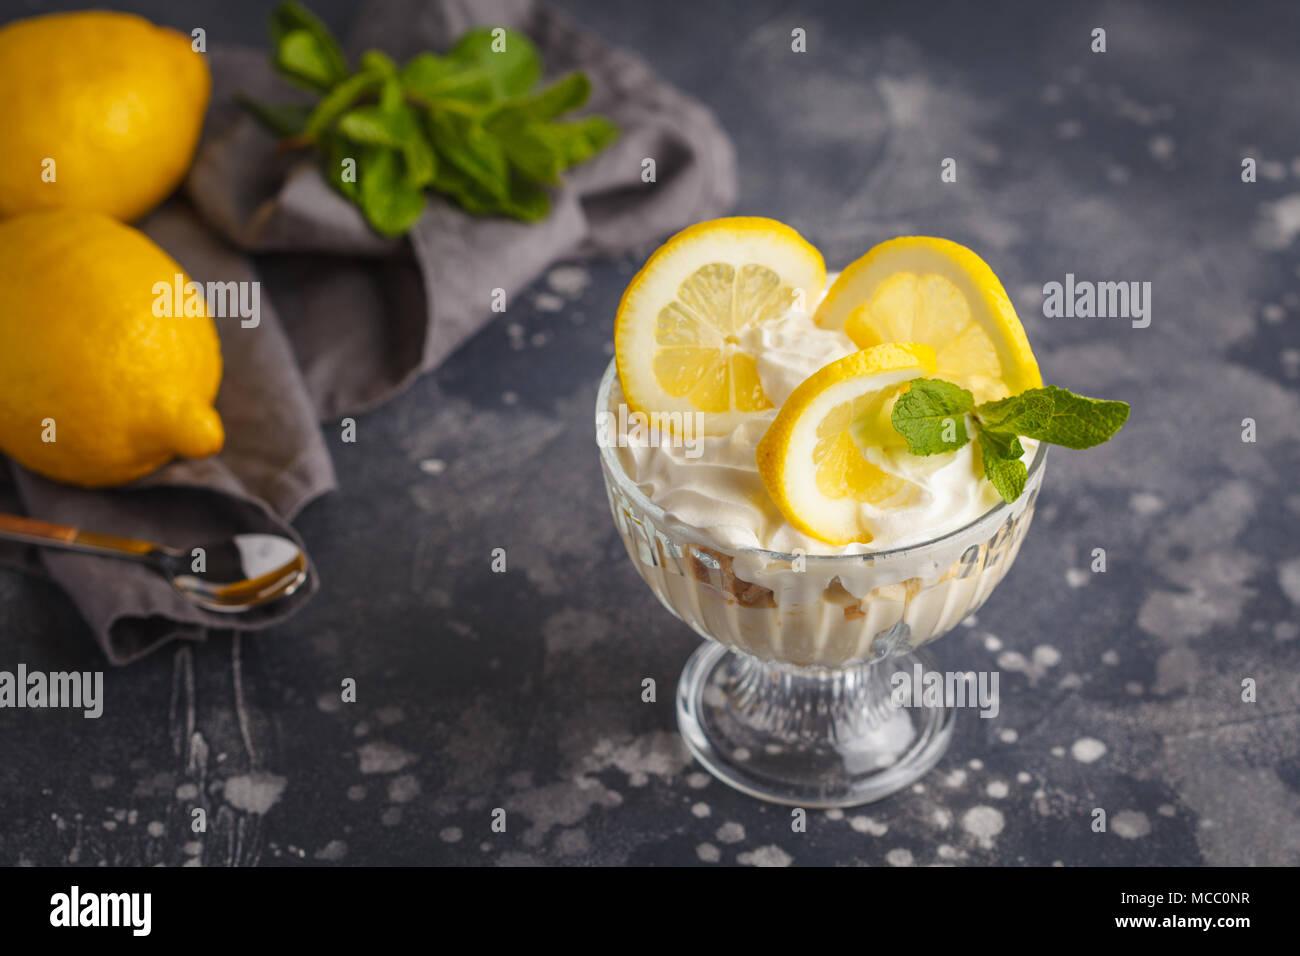 Limone dessert, limone inezia, cheesecake, panna montata, parfait. Mousse di frutta in vetro su uno sfondo scuro. Foto Stock